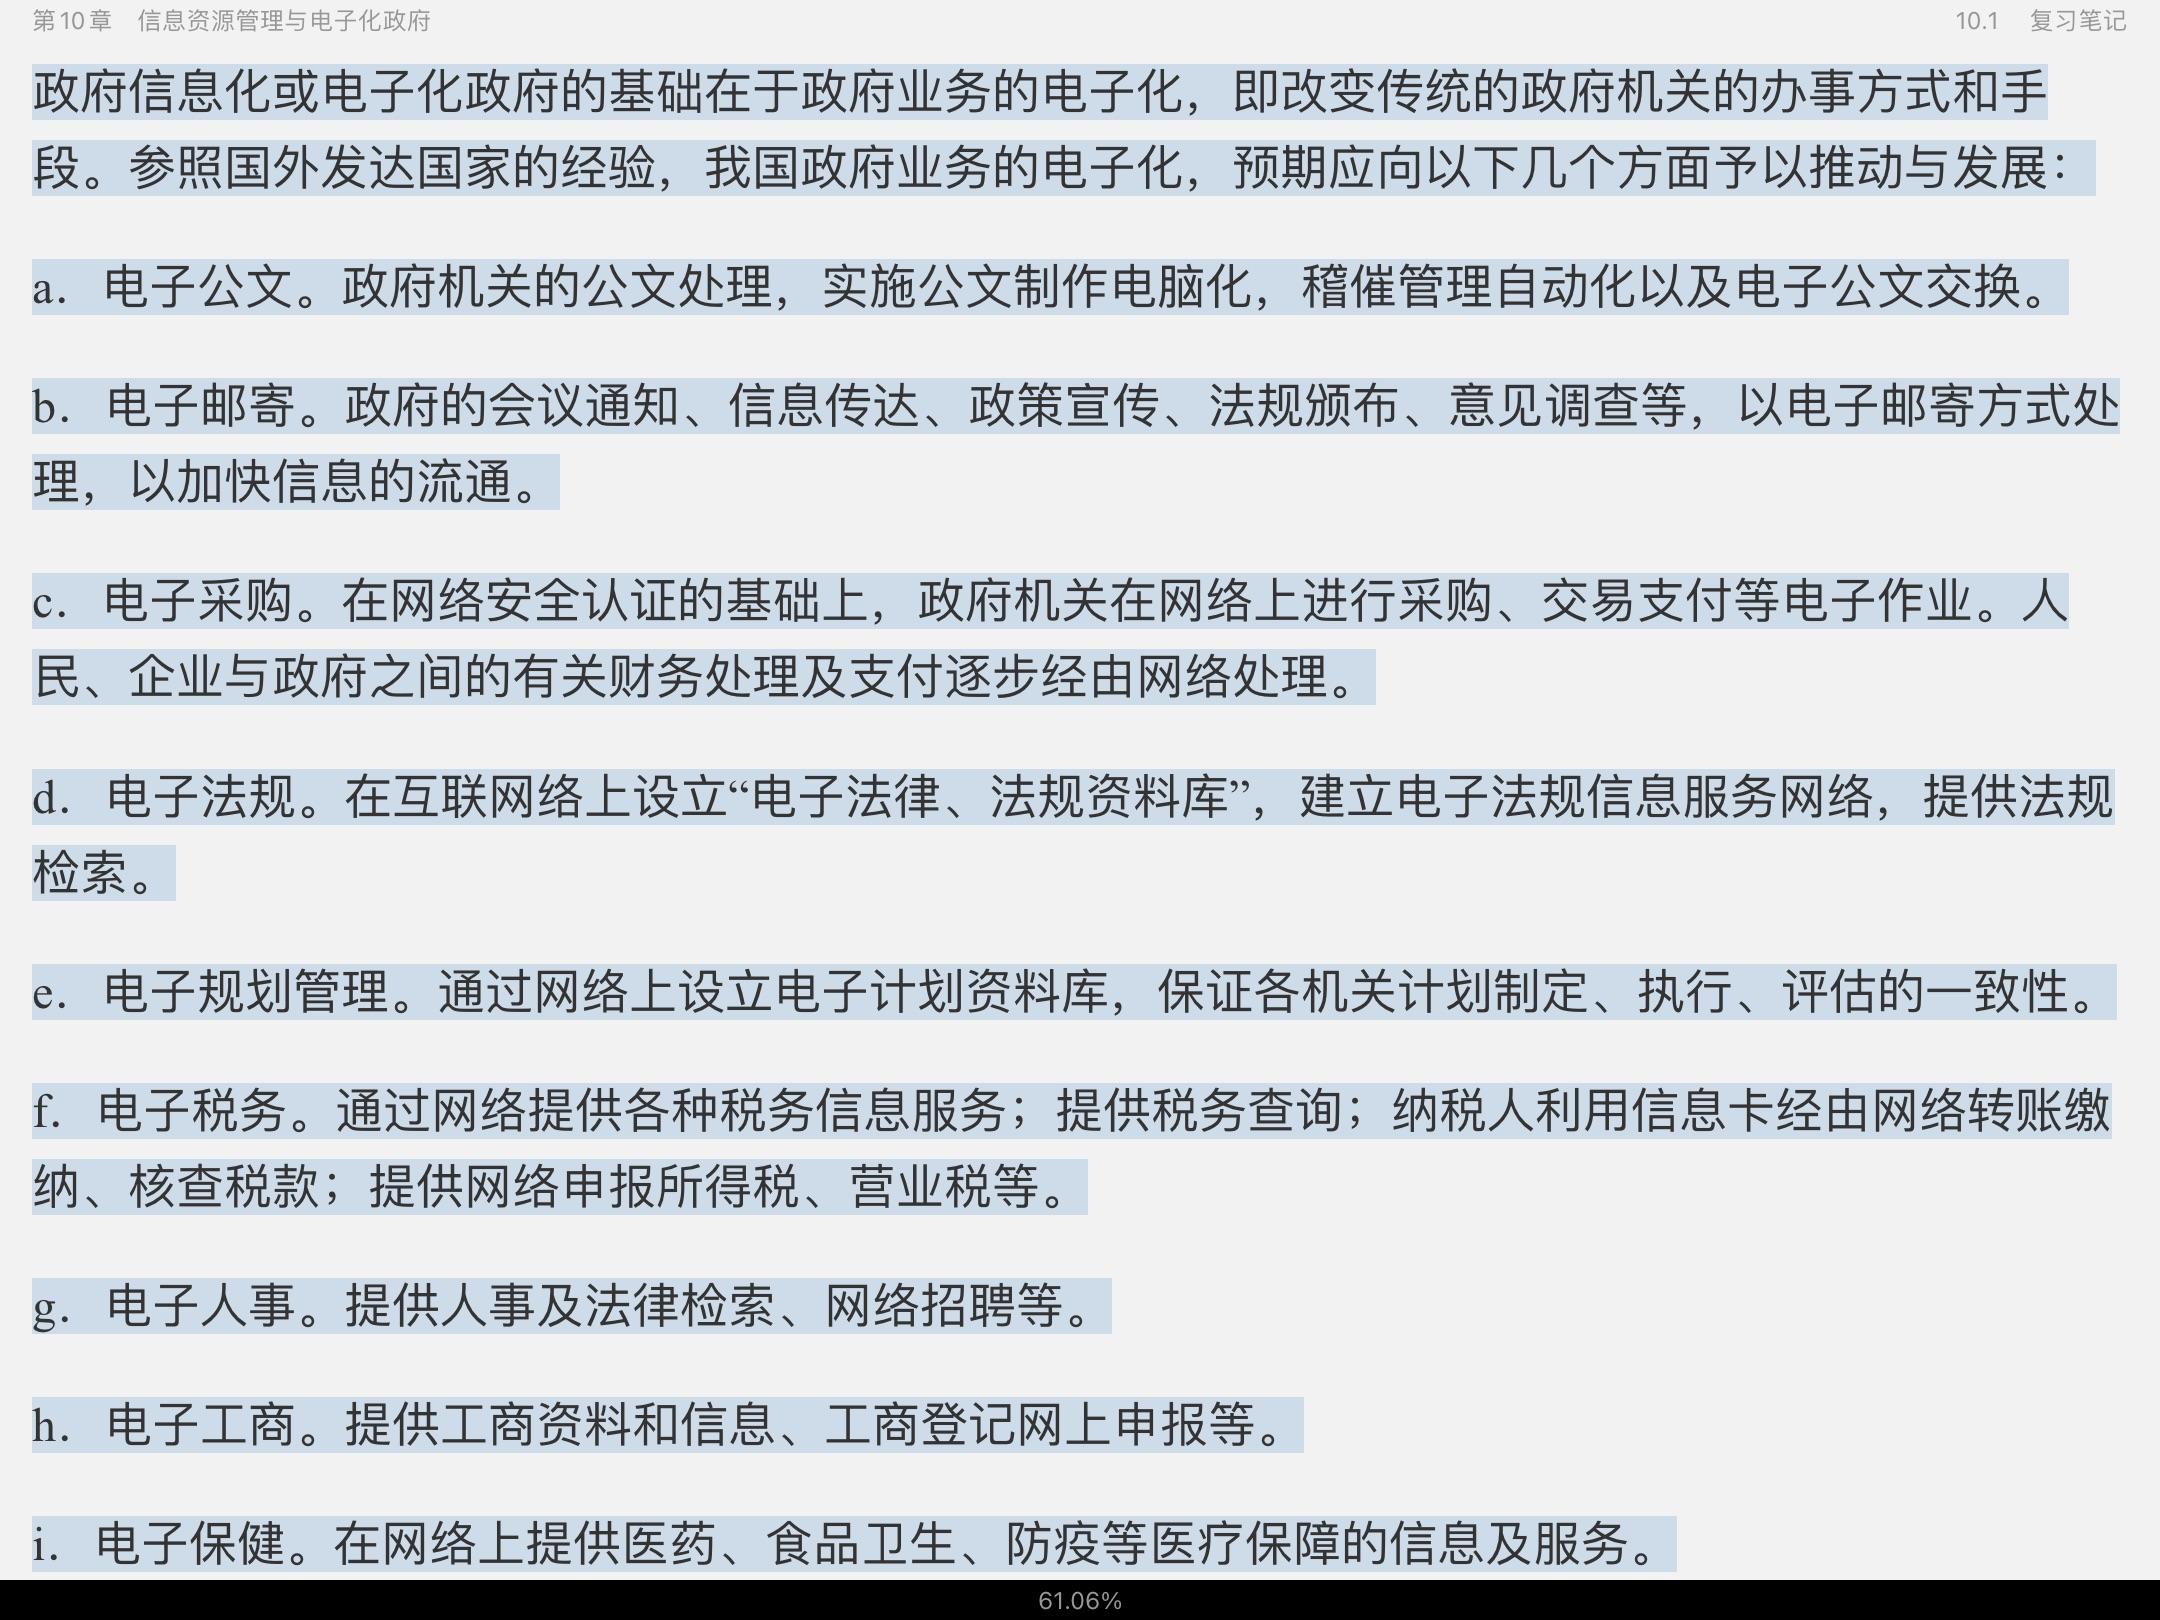 张成福《公共管理学》(修订版)笔记和课后习题(含考研真题)详解